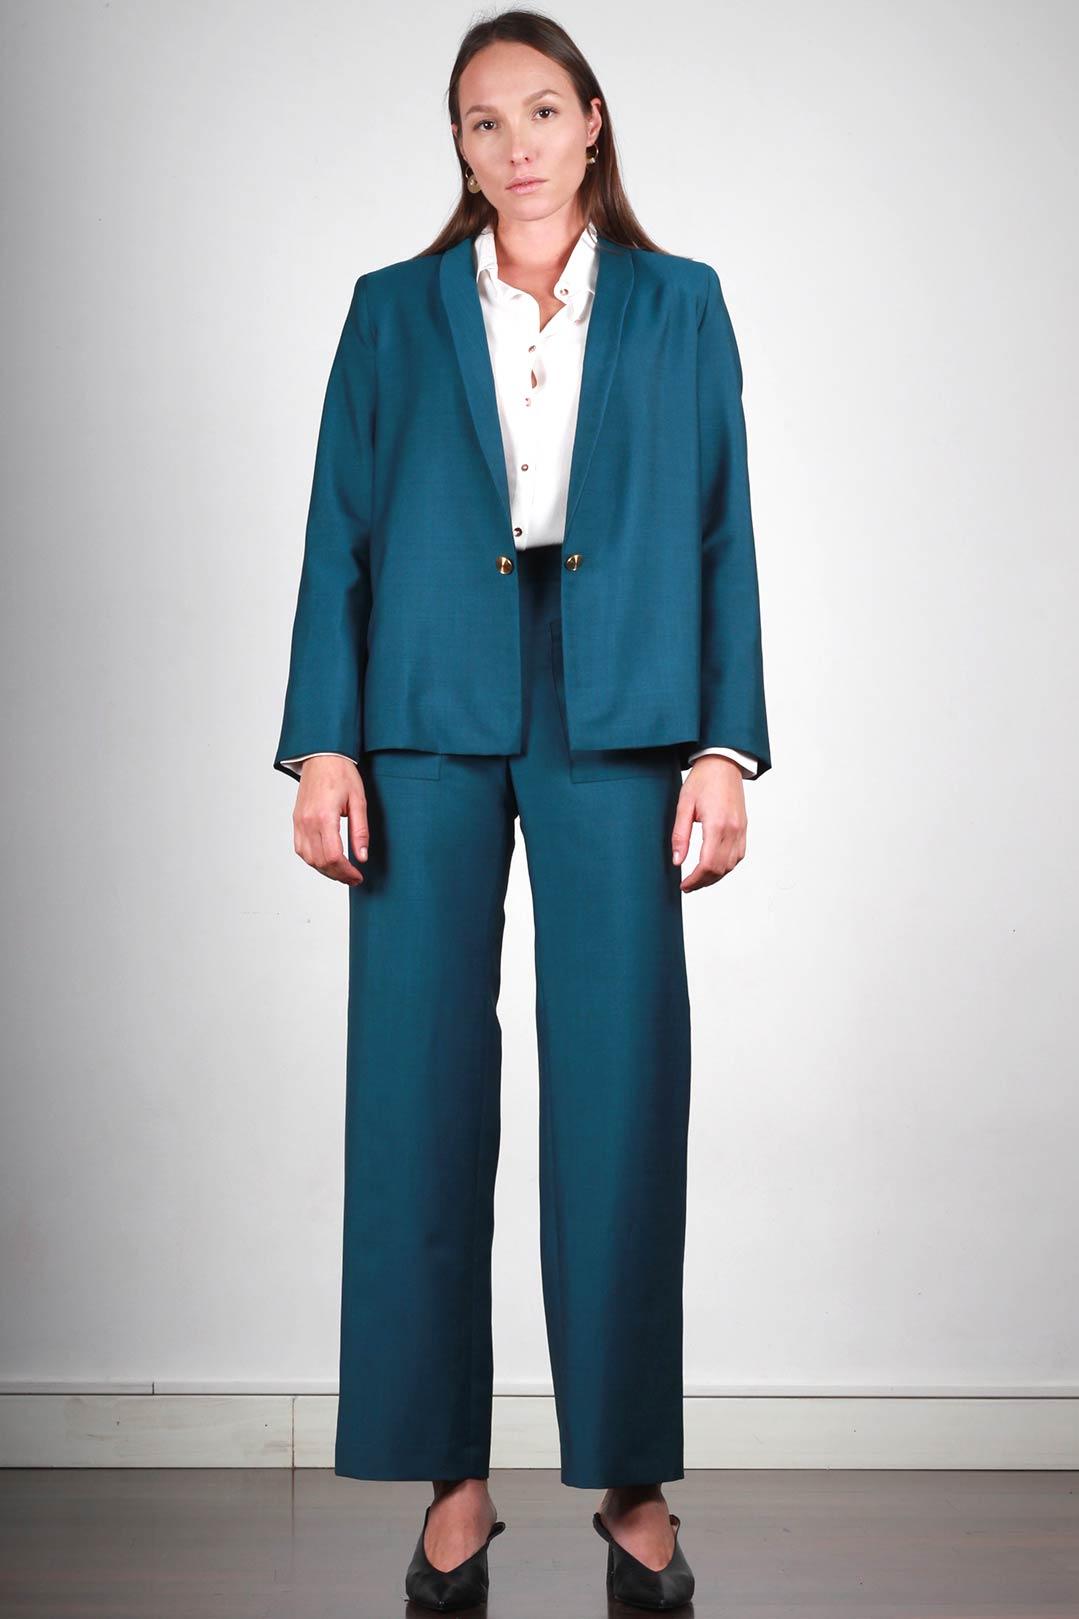 Veste tailleur femme bleu canard en laine froide Made in